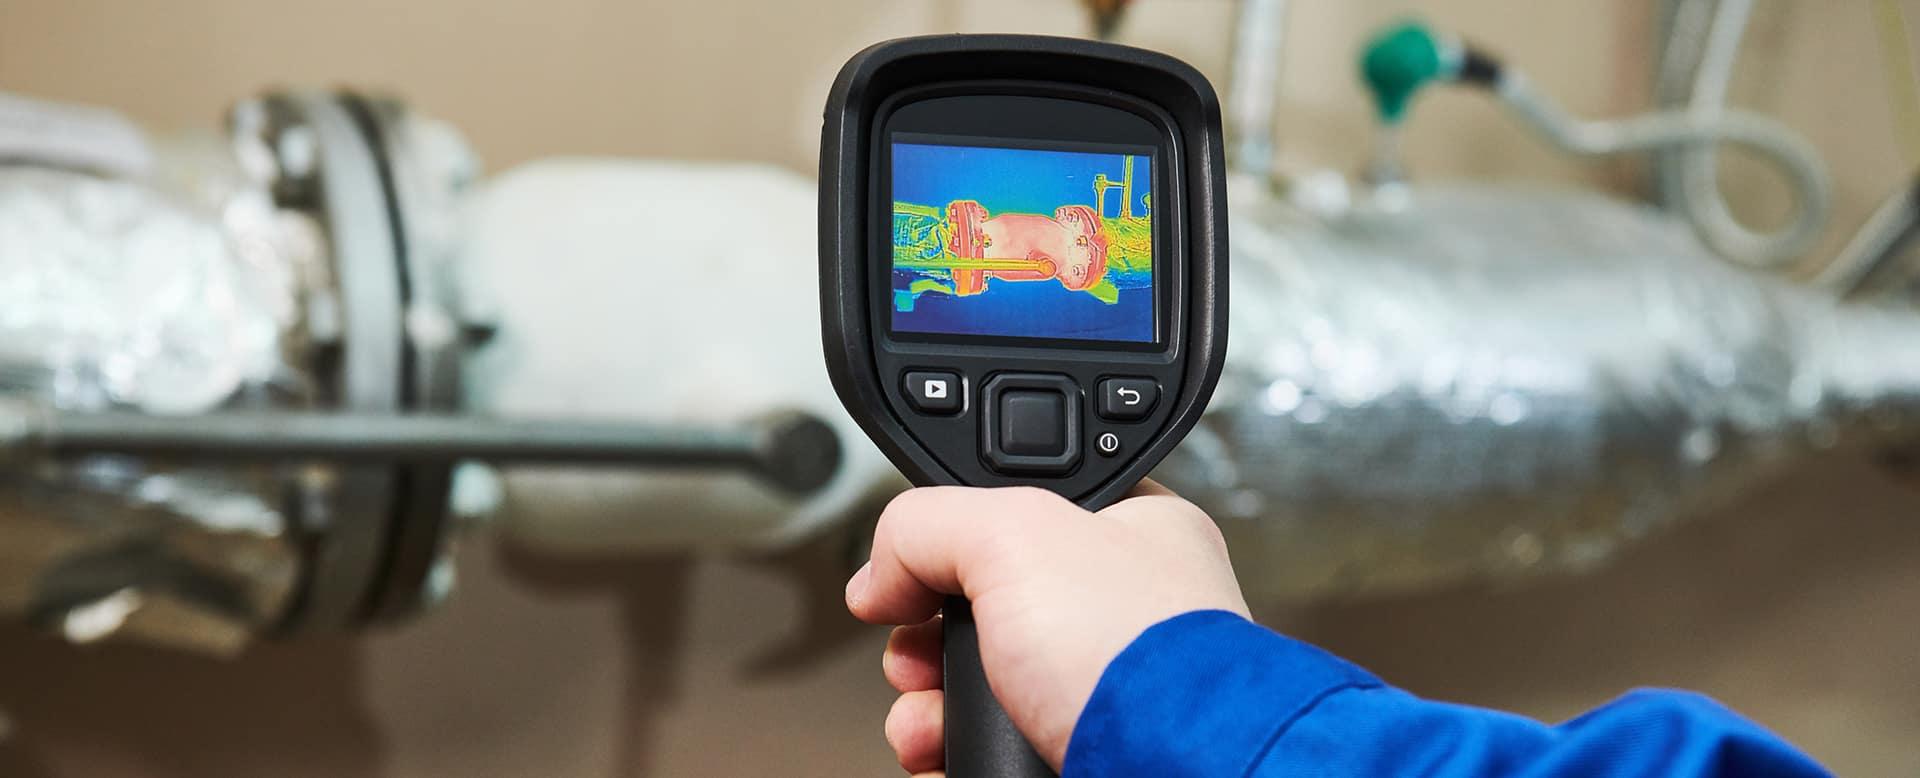 Mit einer Wärmebildkamera spüren wir bei Ihnen zuhause undichte Stellen auf